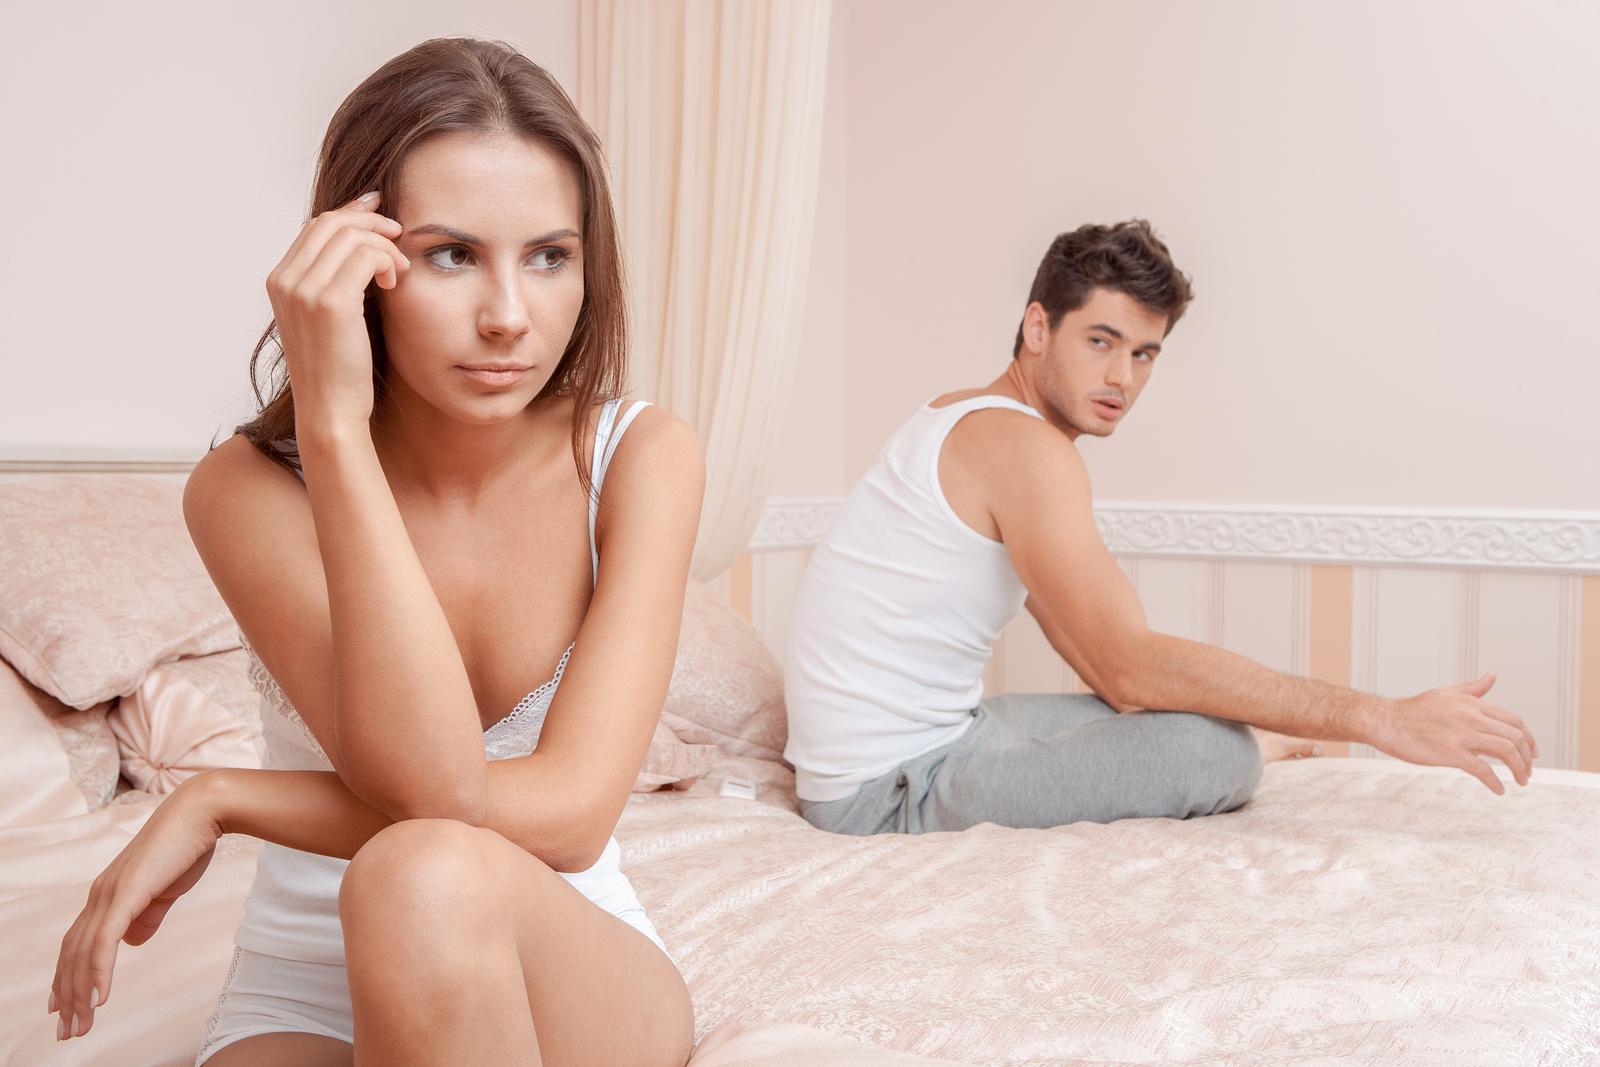 Чего нужно избегать в семейных отношениях? 9 нет